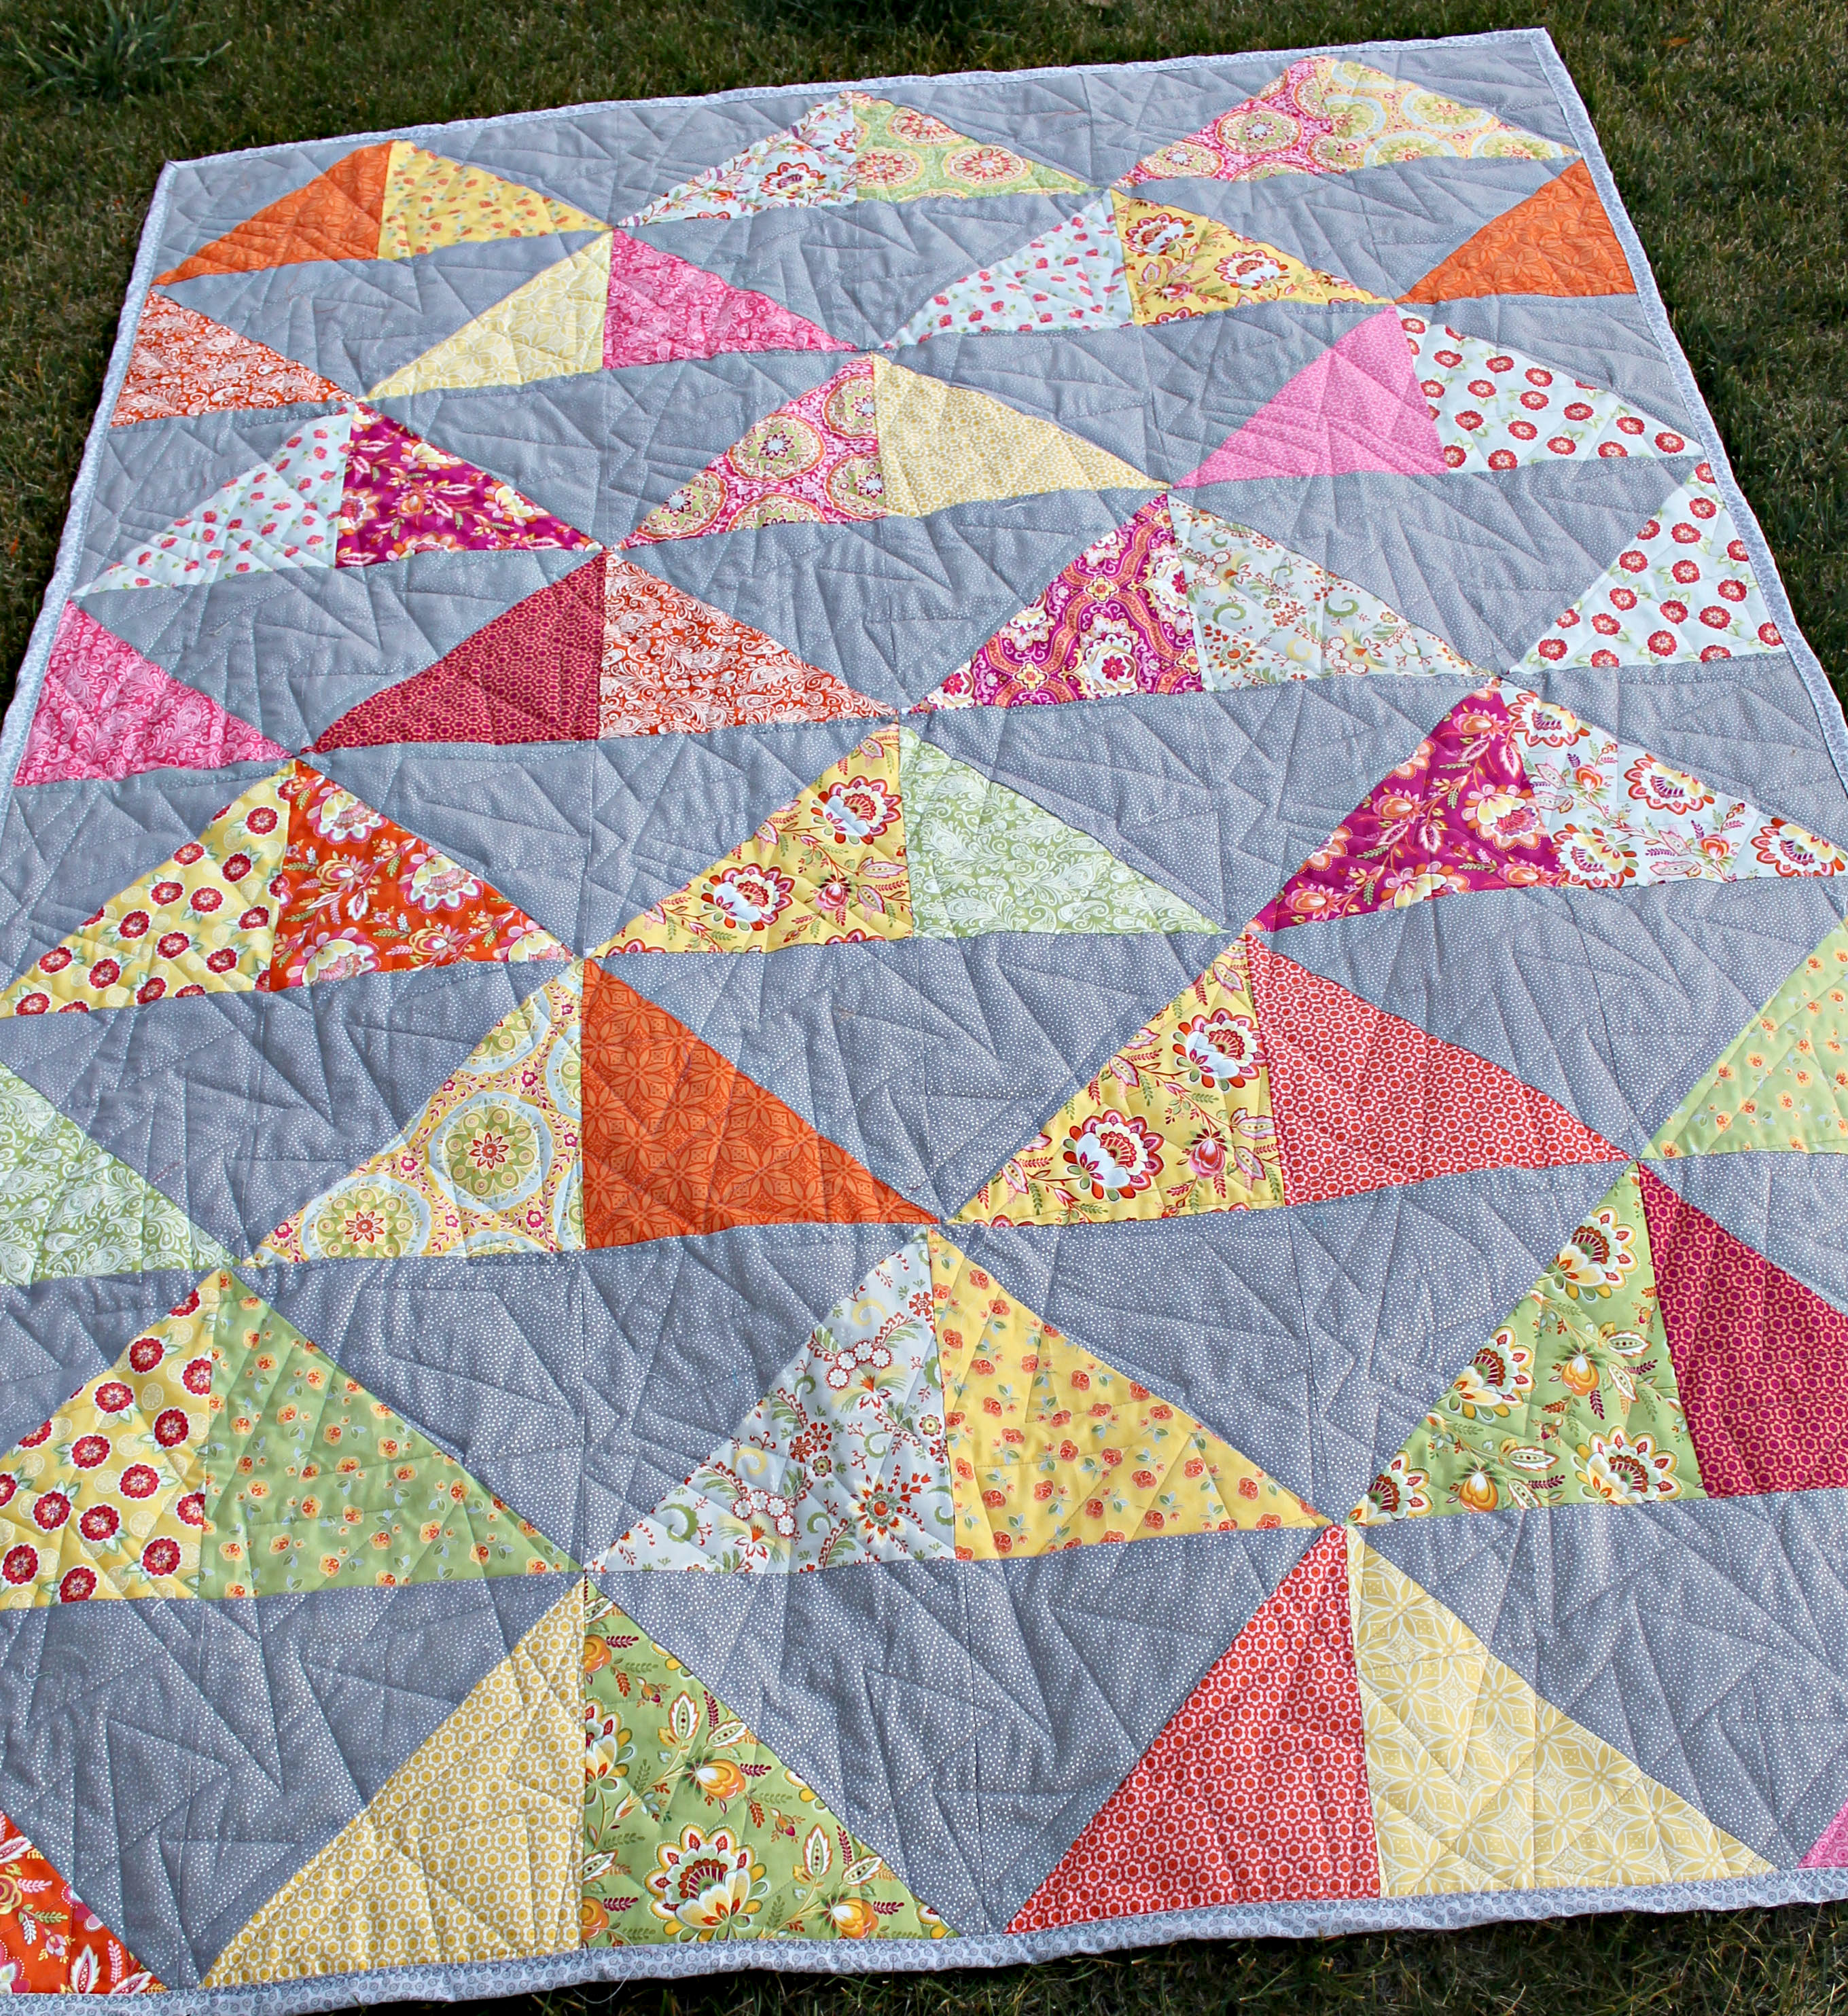 My First HST Quilt | The Stitching Scientist : hst quilt - Adamdwight.com